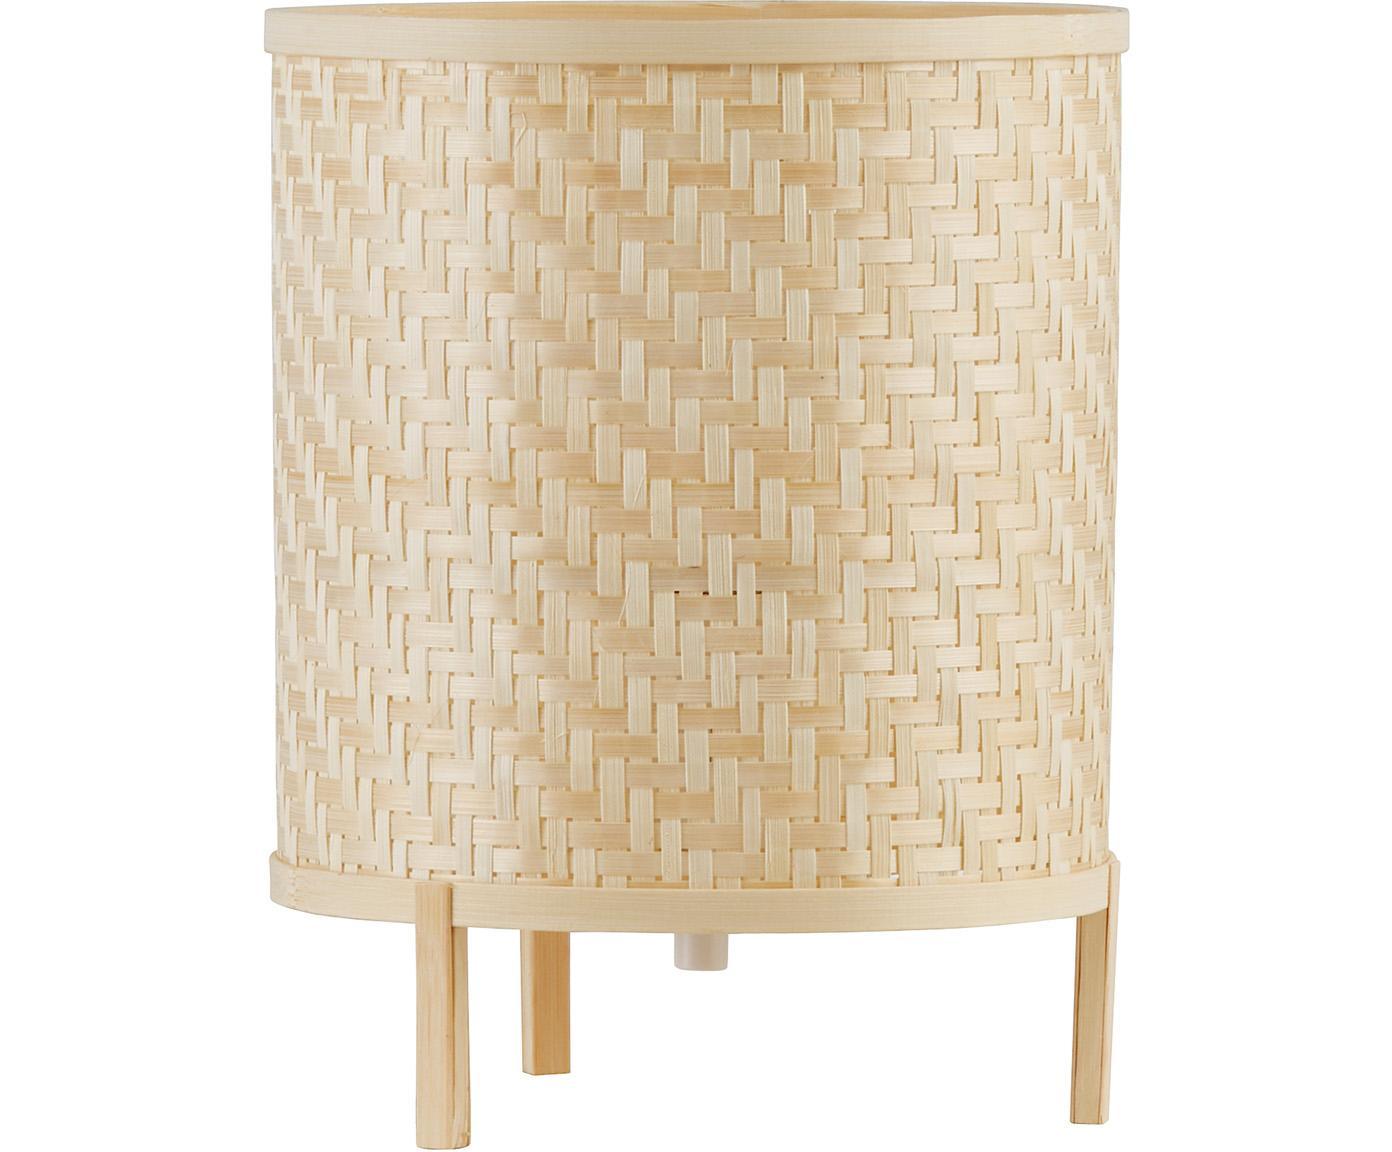 Lampada da tavolo in bambù intrecciato Trinidad, Paralume: intreccio di bambù, Base della lampada: bambù, Marrone, Ø 19 x Alt. 27 cm